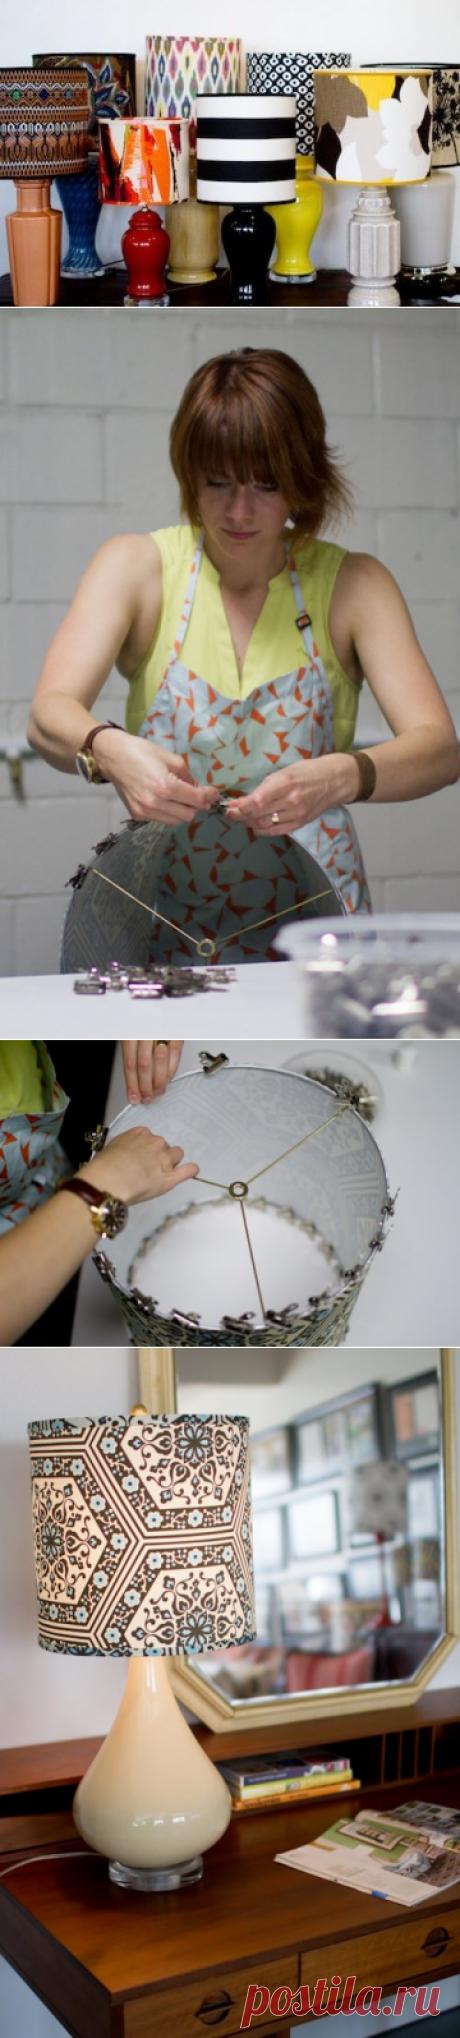 Как сделать тканевый абажур своими руками